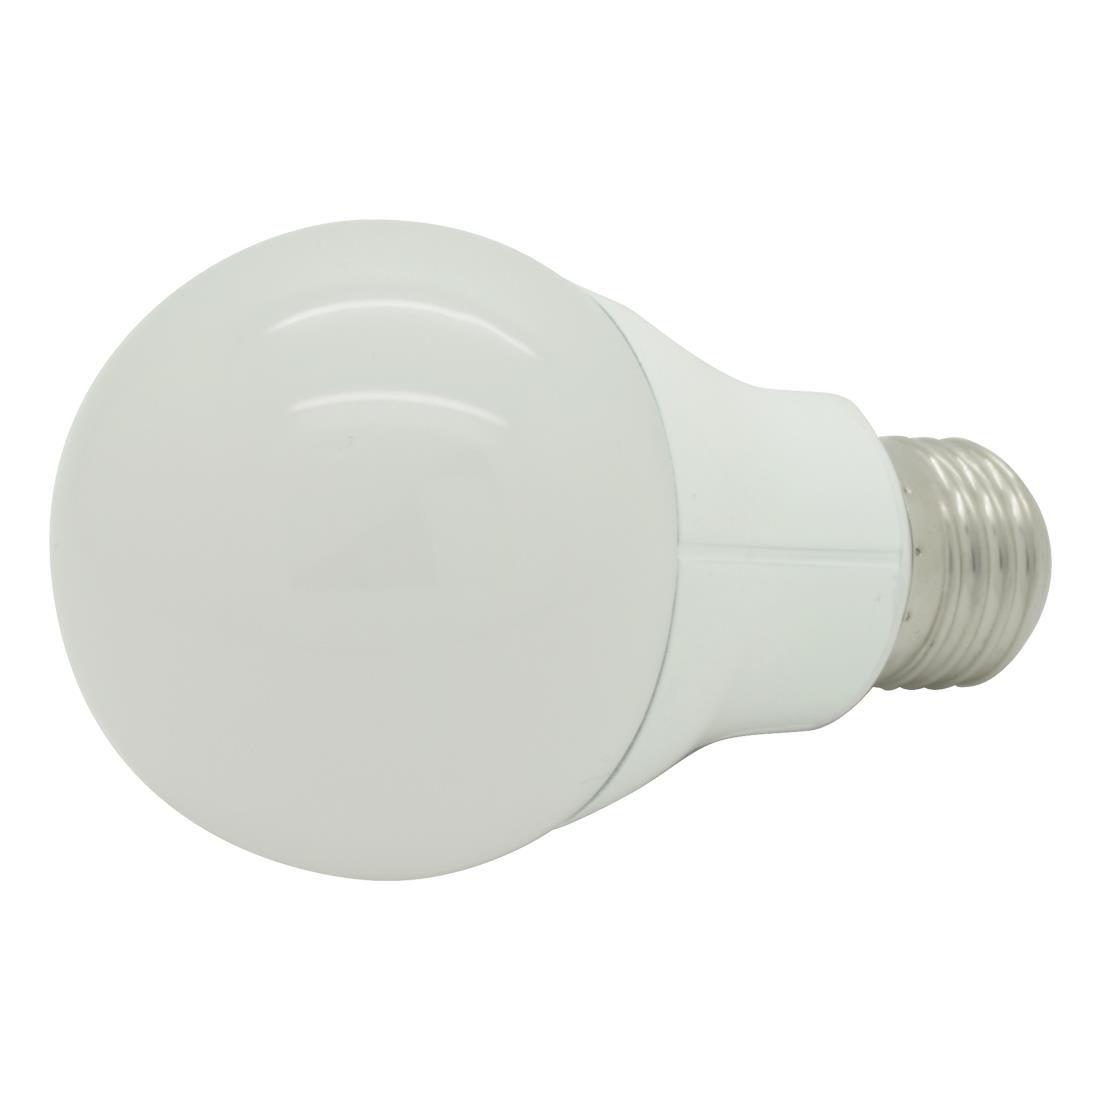 KIT 100 Lâmpadas Led 9w Bulbo Soquete E27 Bivolt Casa Comércio